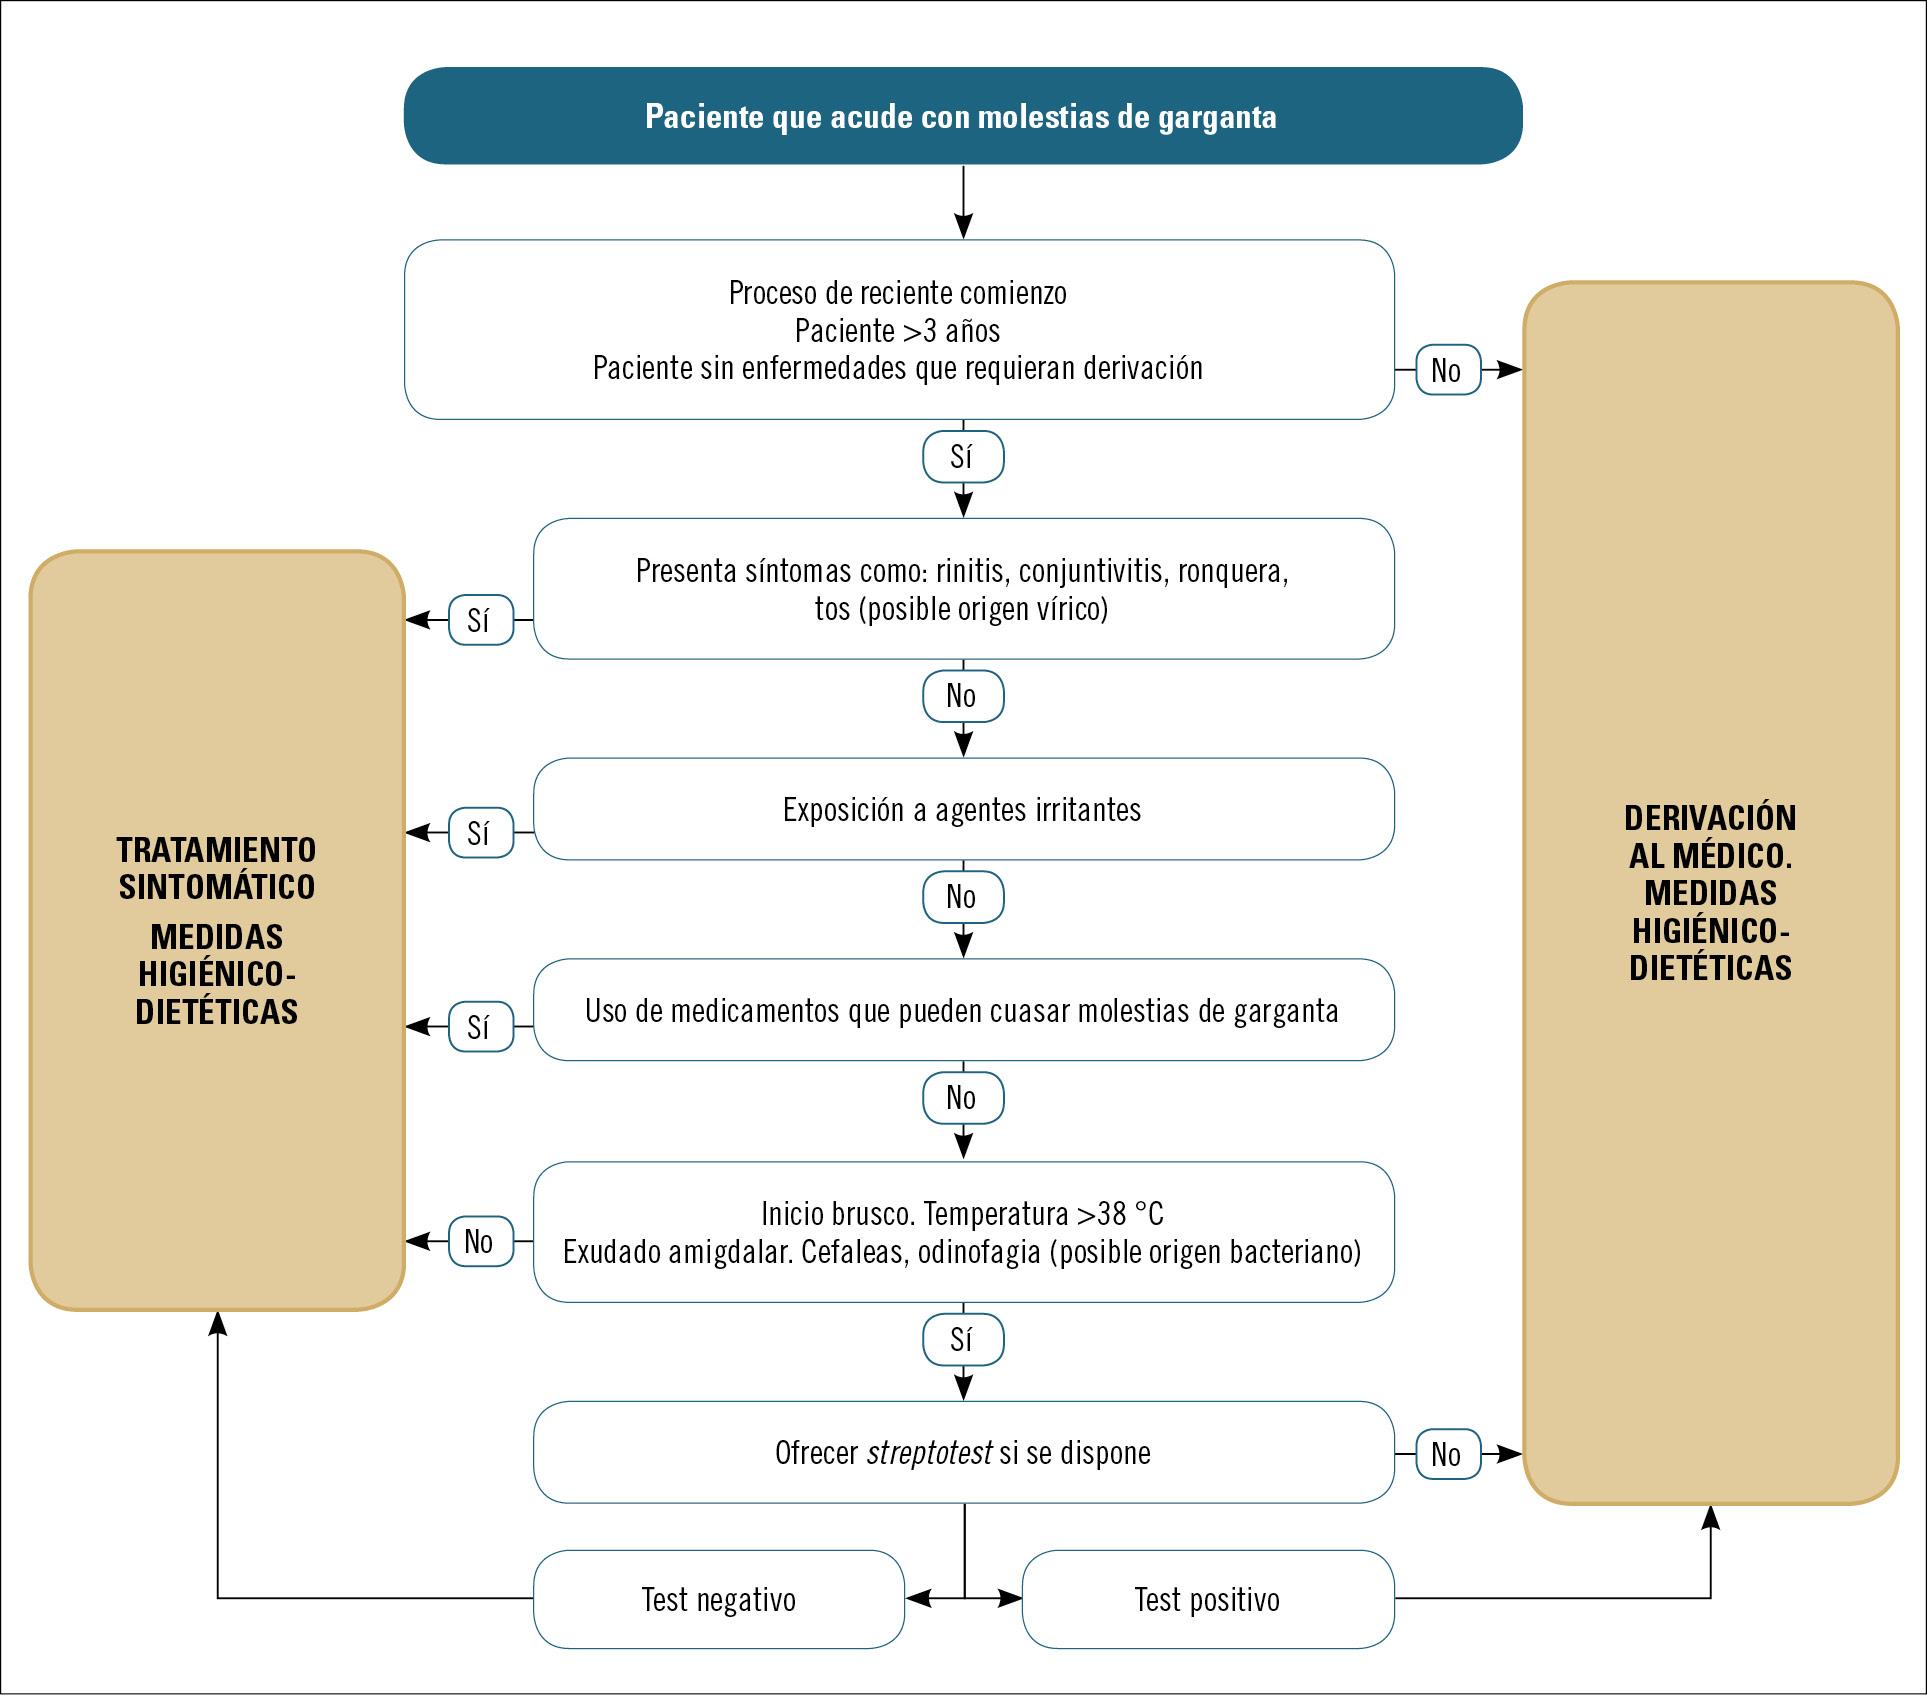 24 EF582 PROFESION AFECCIONES GARGANTA figura 1